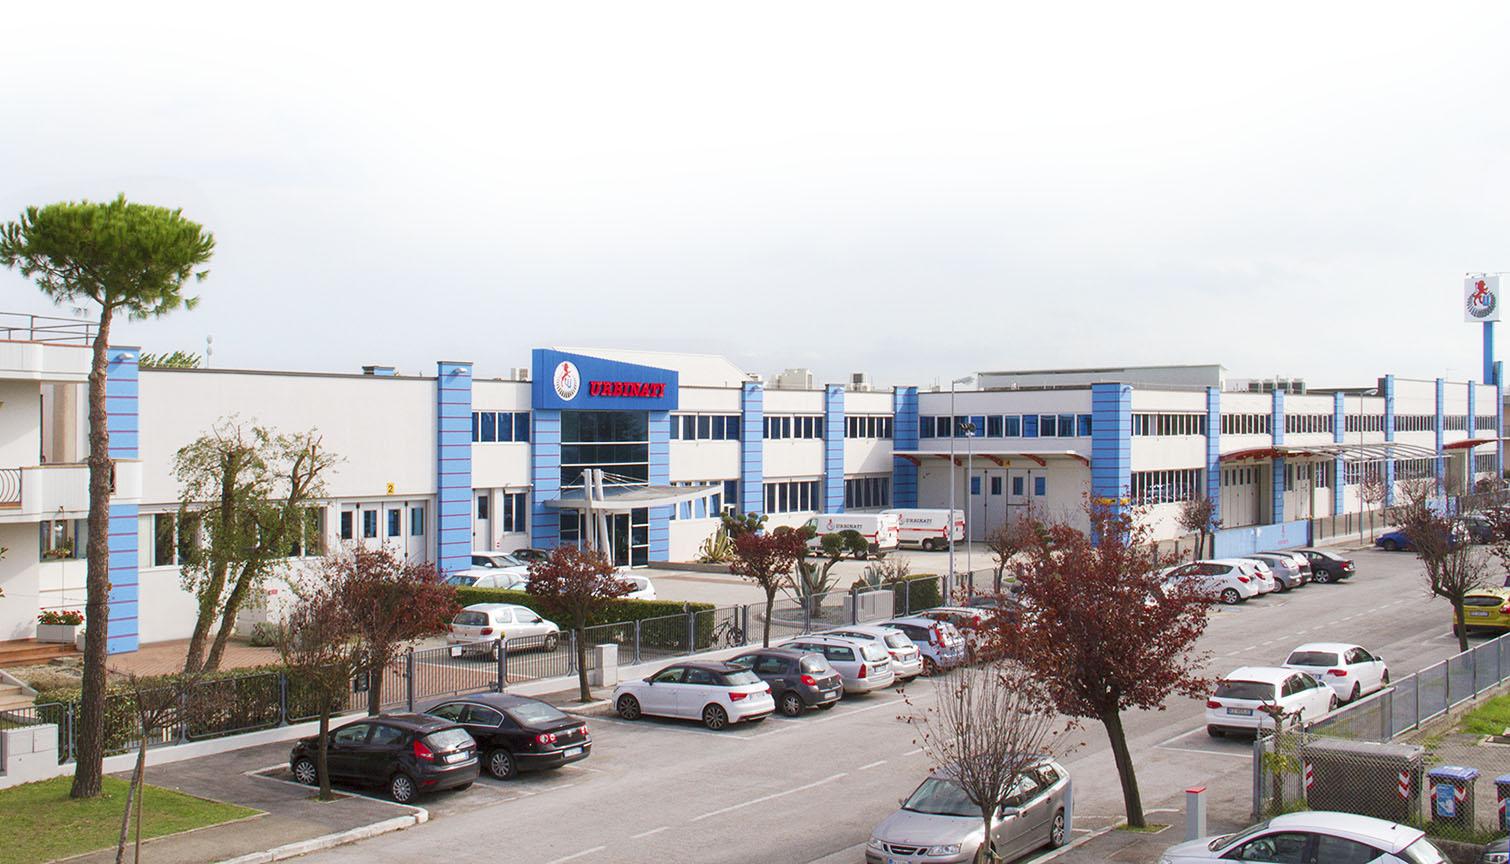 URBINATI, leader progettazione realizzazione sistemi e macchinari automatizzati per l' ortoflorovivaismo. Italia